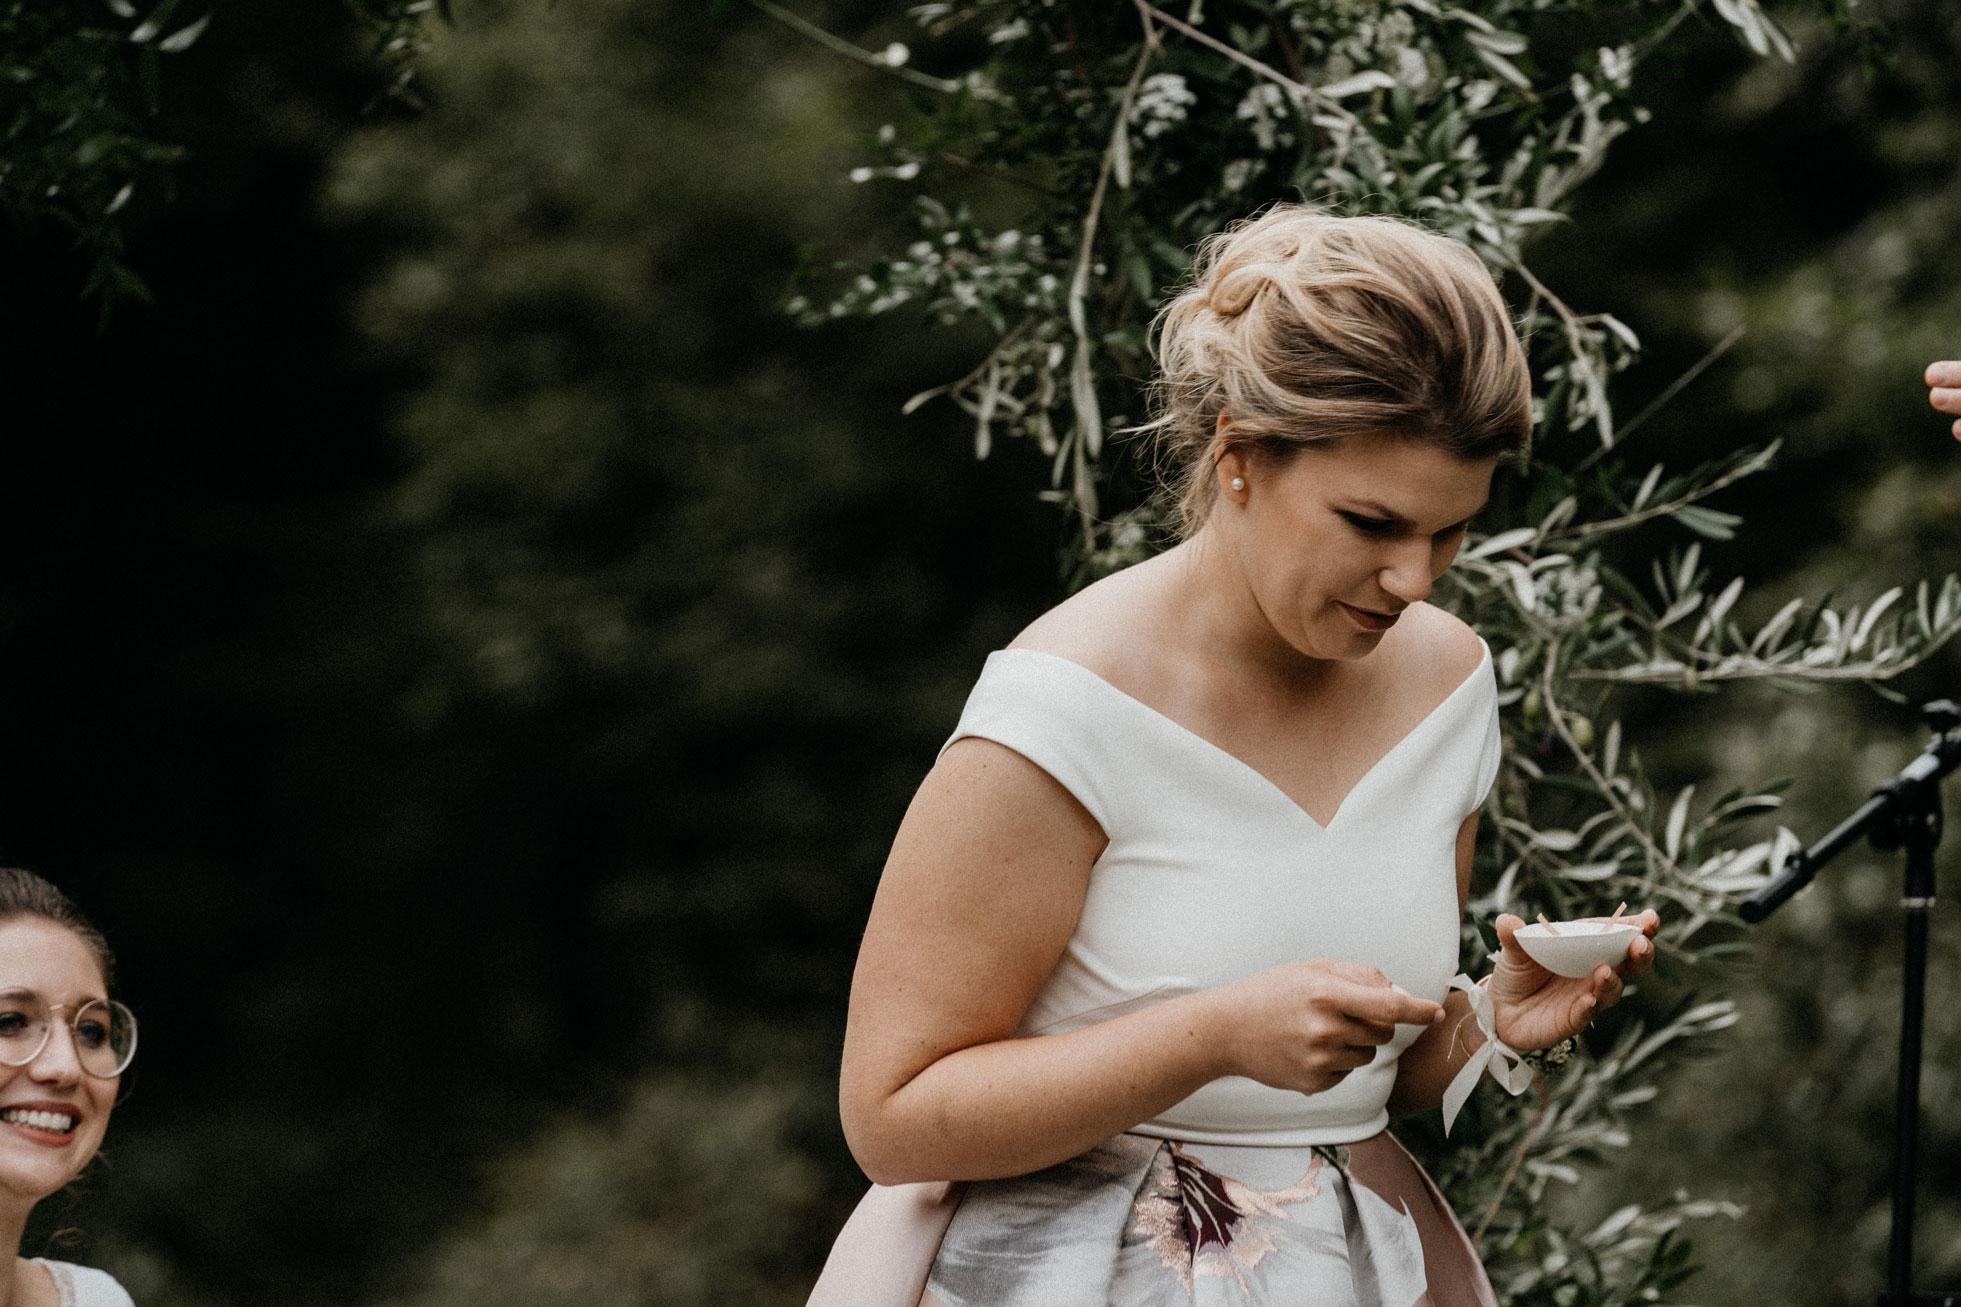 Hochzeit_Claire_Manuel_Villa_Maund_Daniel_Jenny-163.jpg